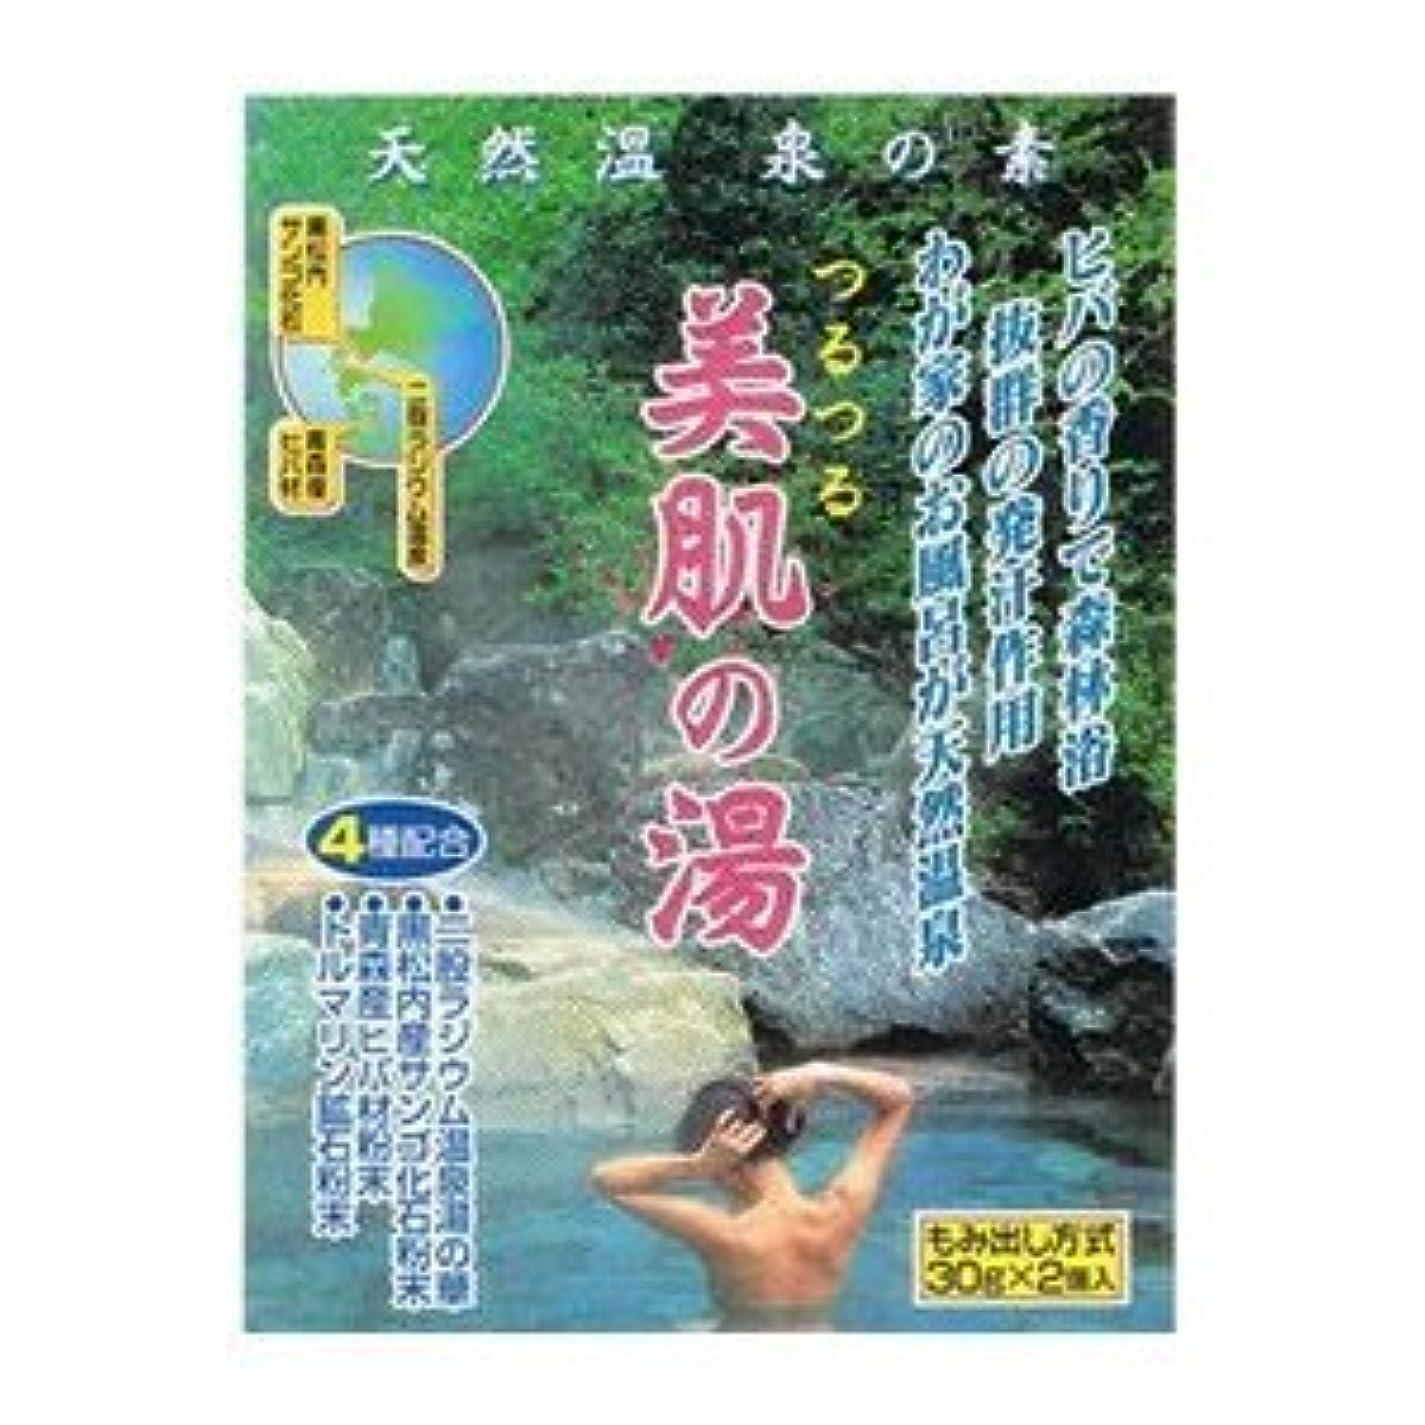 腐食する限り不実天然温泉の素 美肌の湯 (30g×2個入)×12袋セット